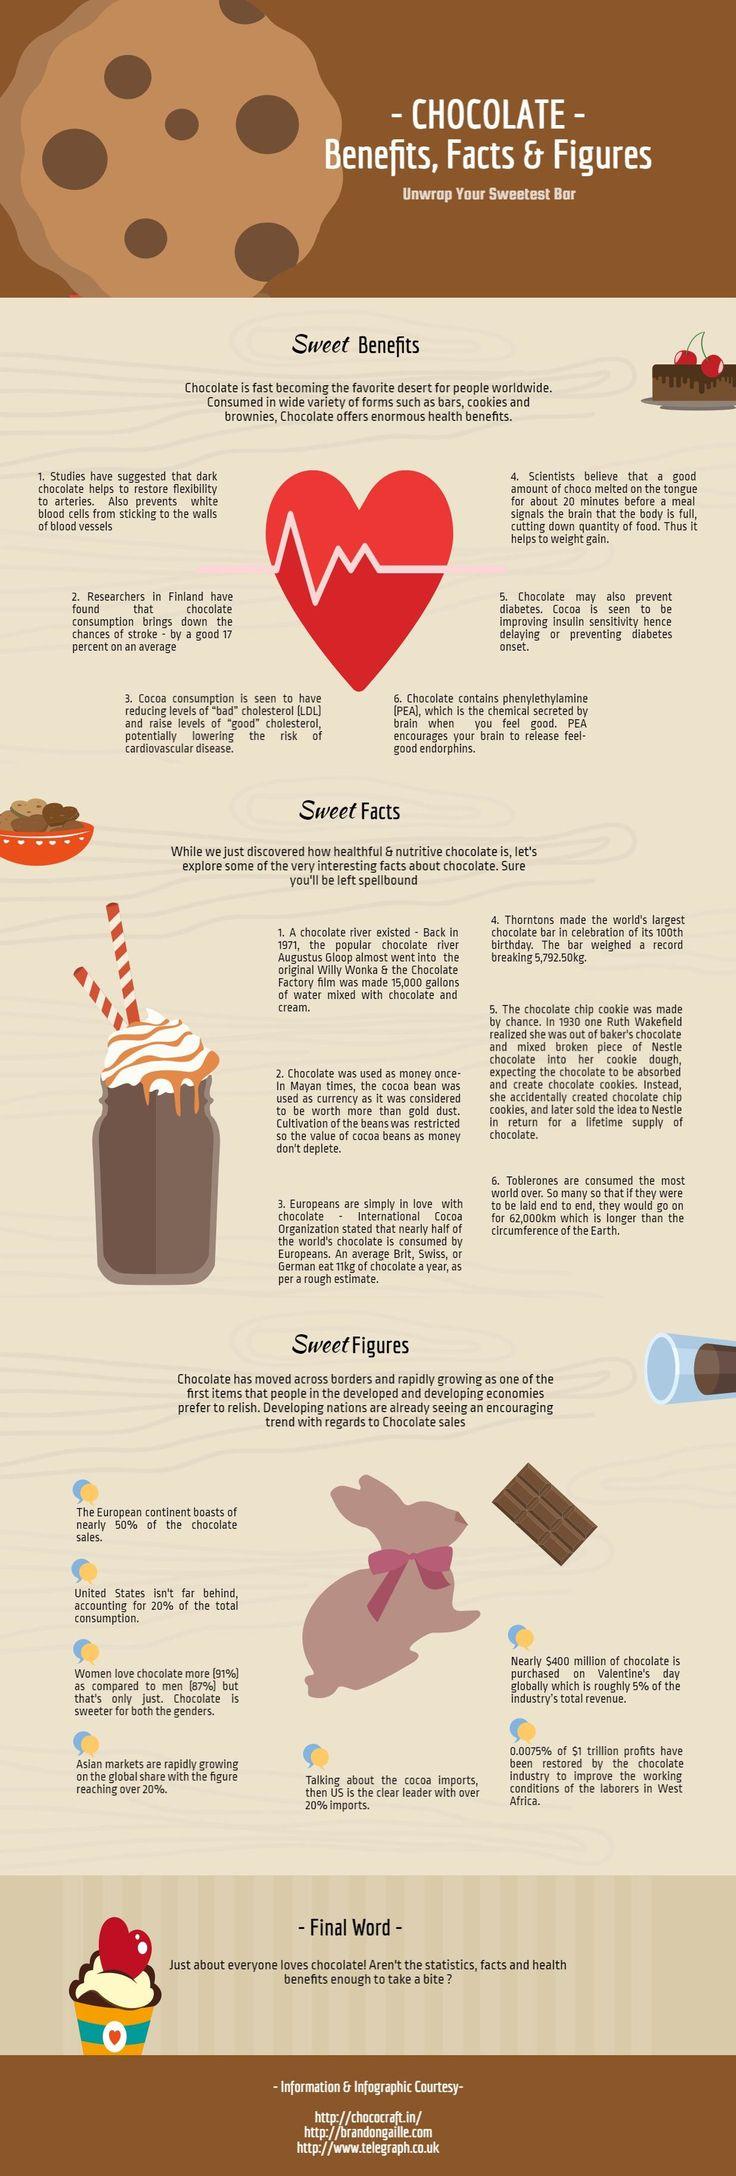 Best 25+ Chocolate benefits ideas on Pinterest | Dark chocolate ...